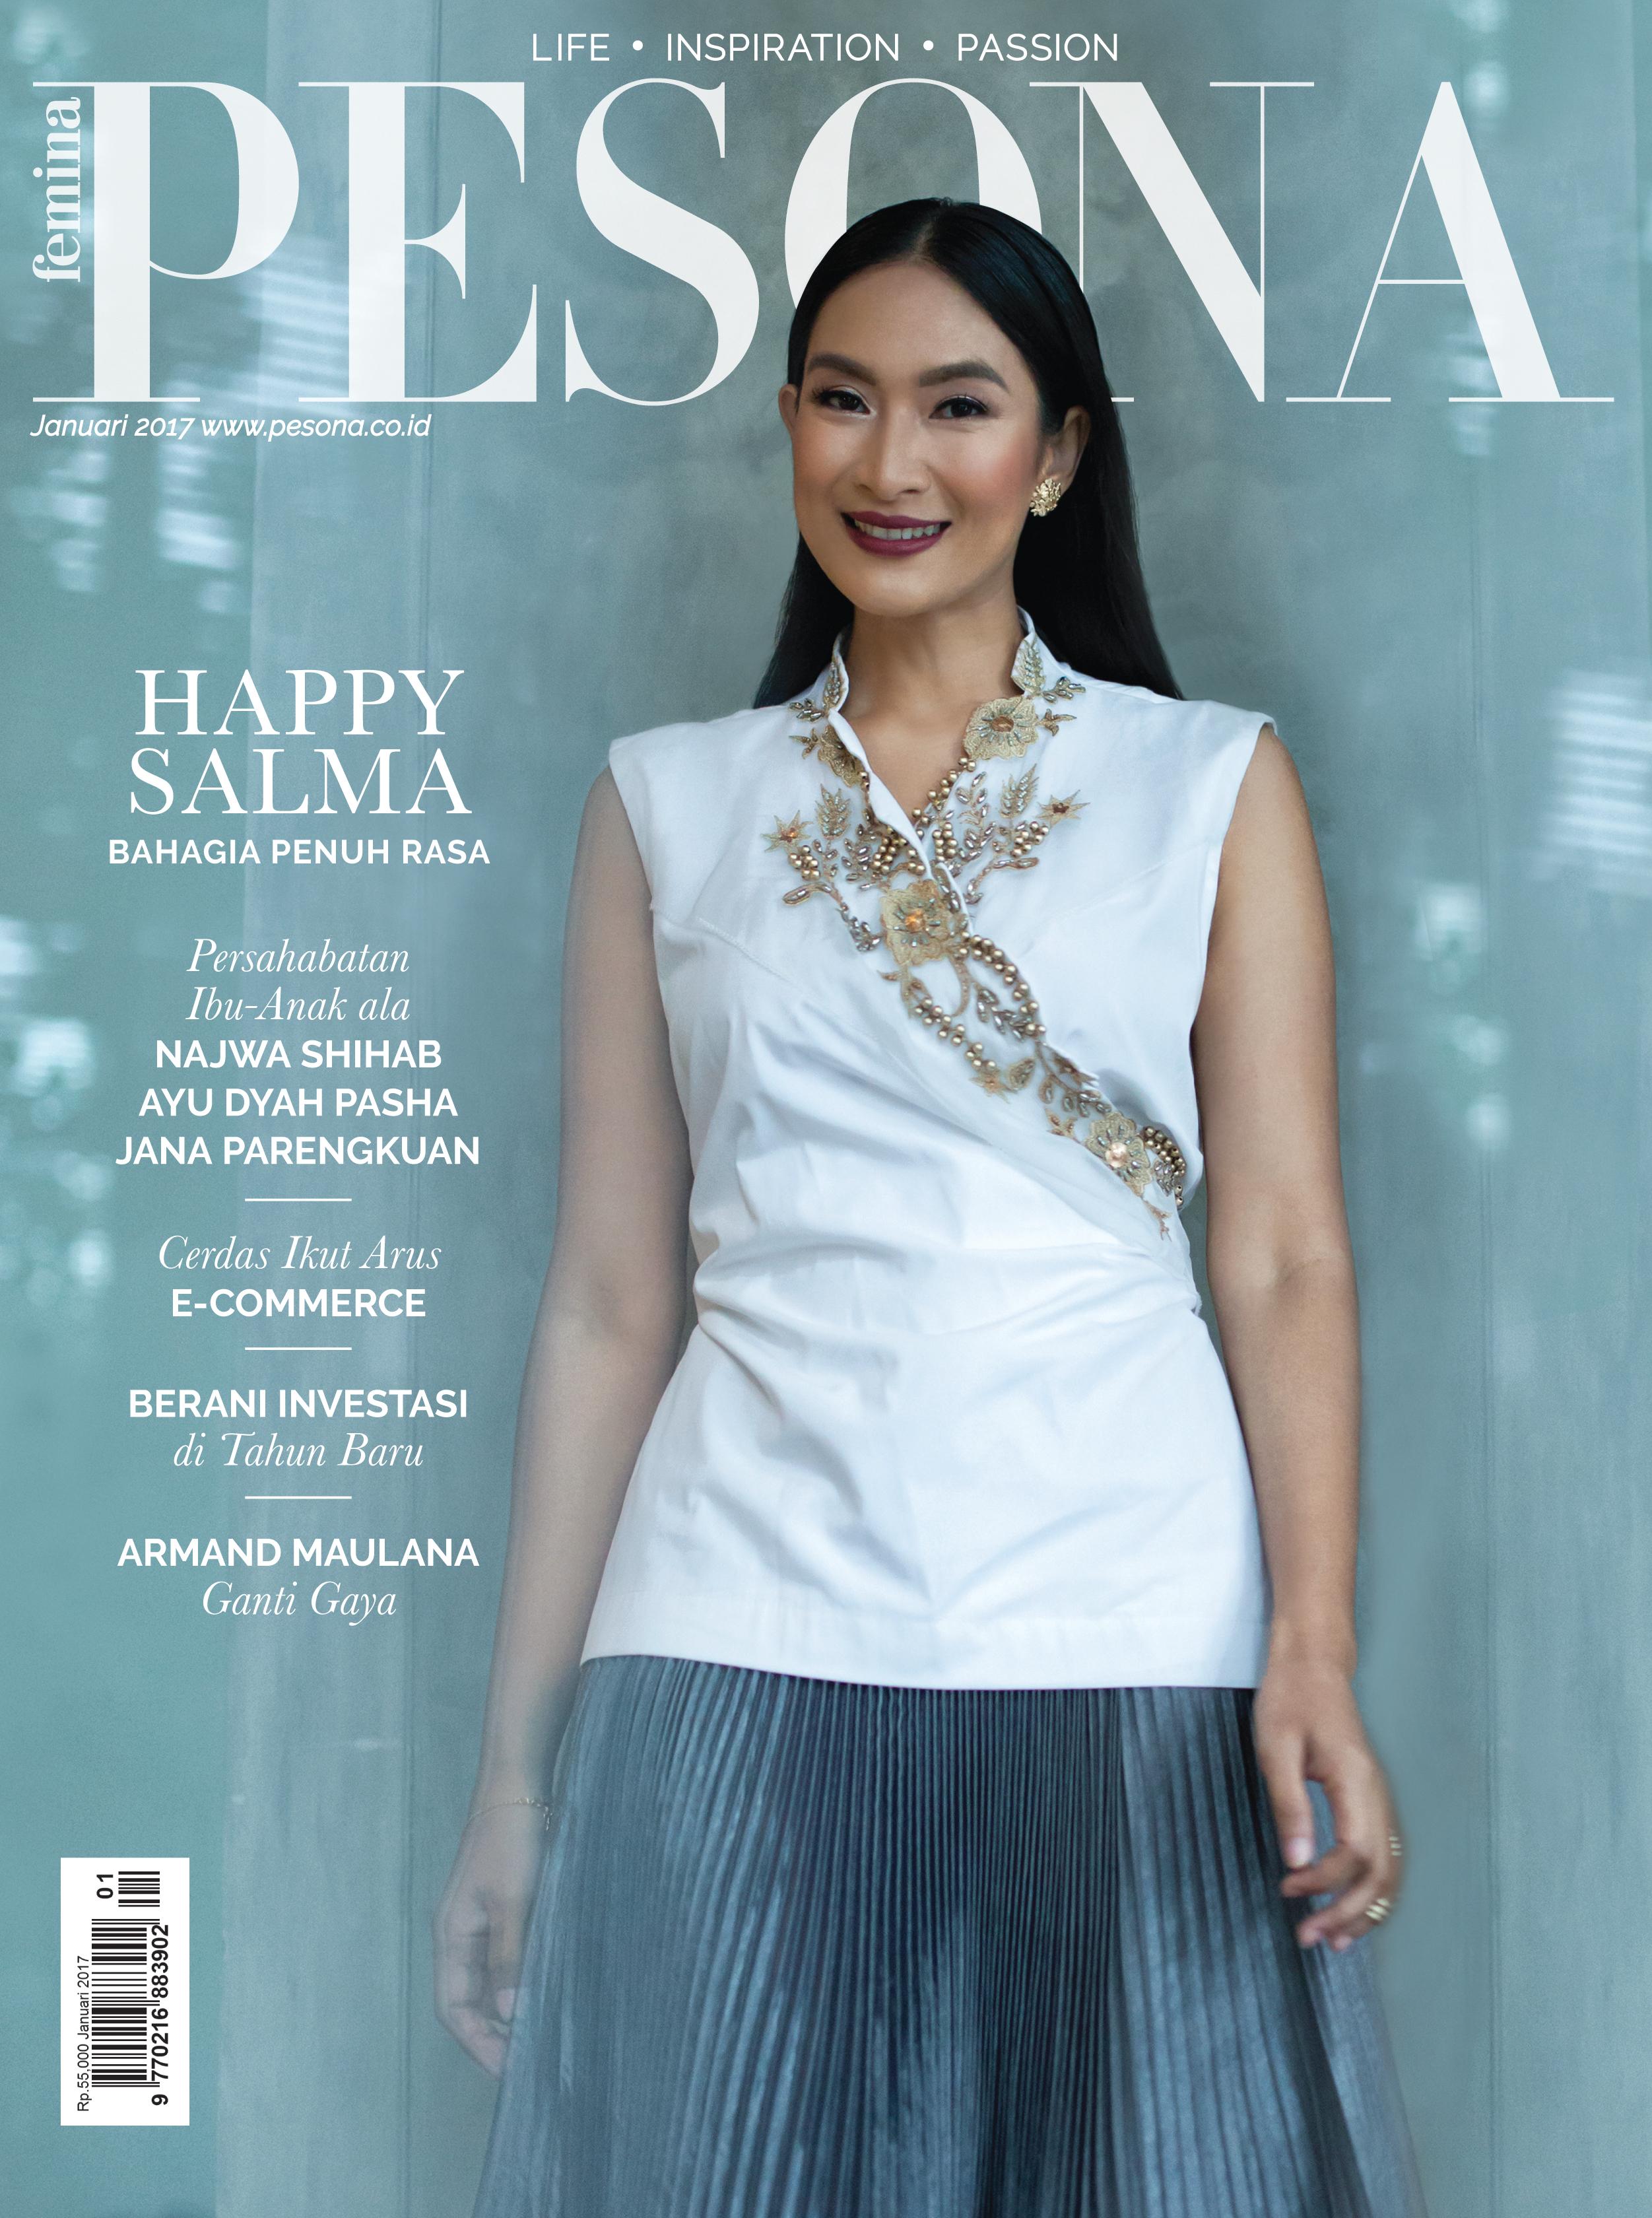 Majalah Pesona Edisi Januari 2017